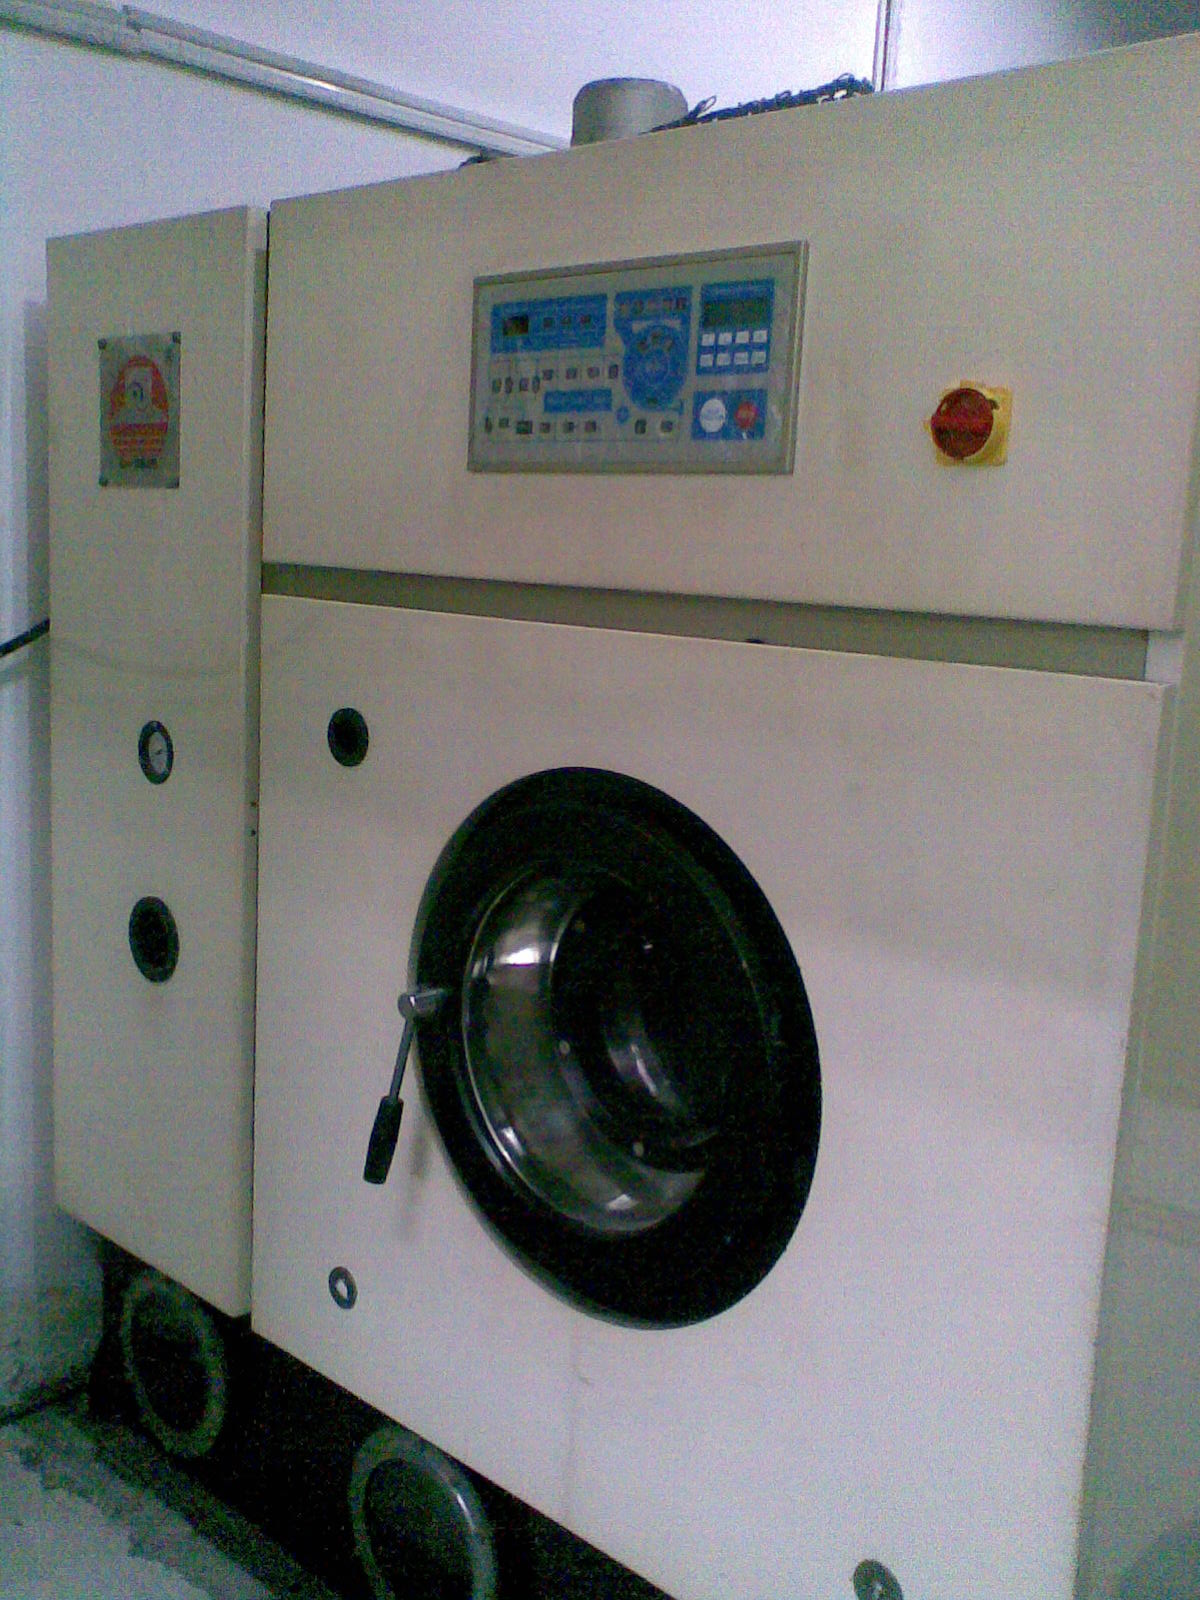 专业销售维修二手干洗机,干洗店全套设备,水洗机等全套设备等各种干洗